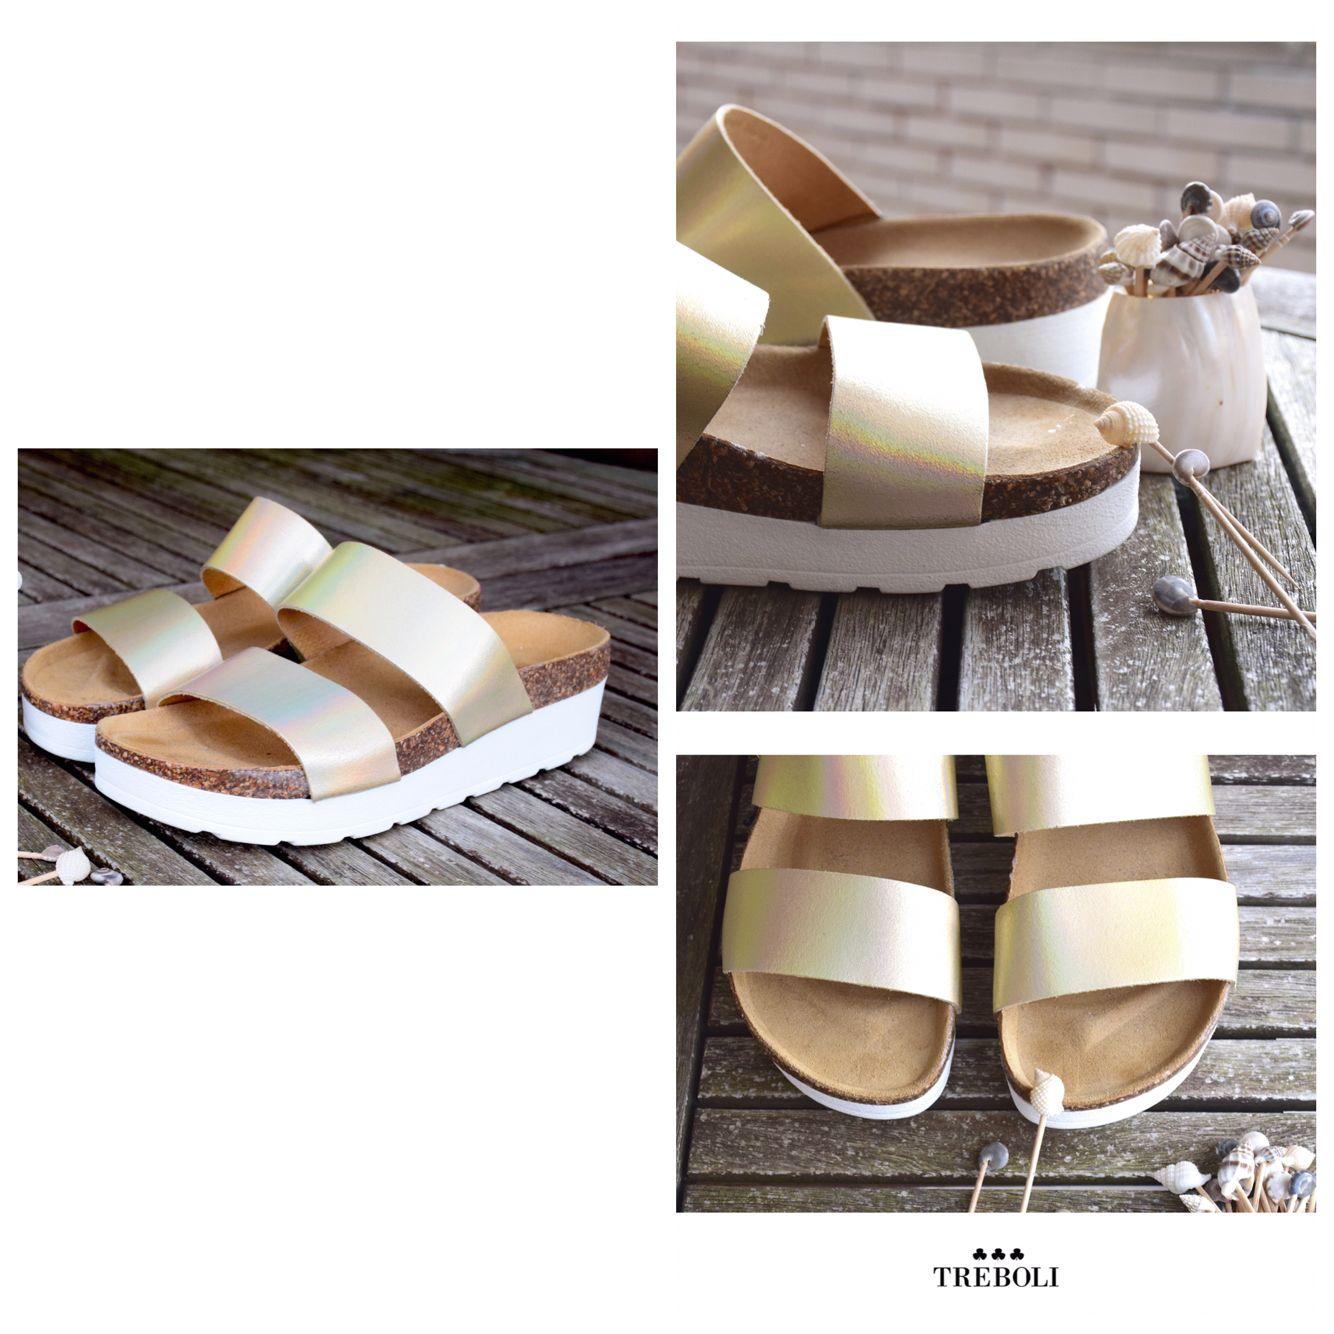 new product d26d1 e8e32 Sandalias doradas de suela blanca Sandalias Doradas, Calzado, Tacones,  Blanco